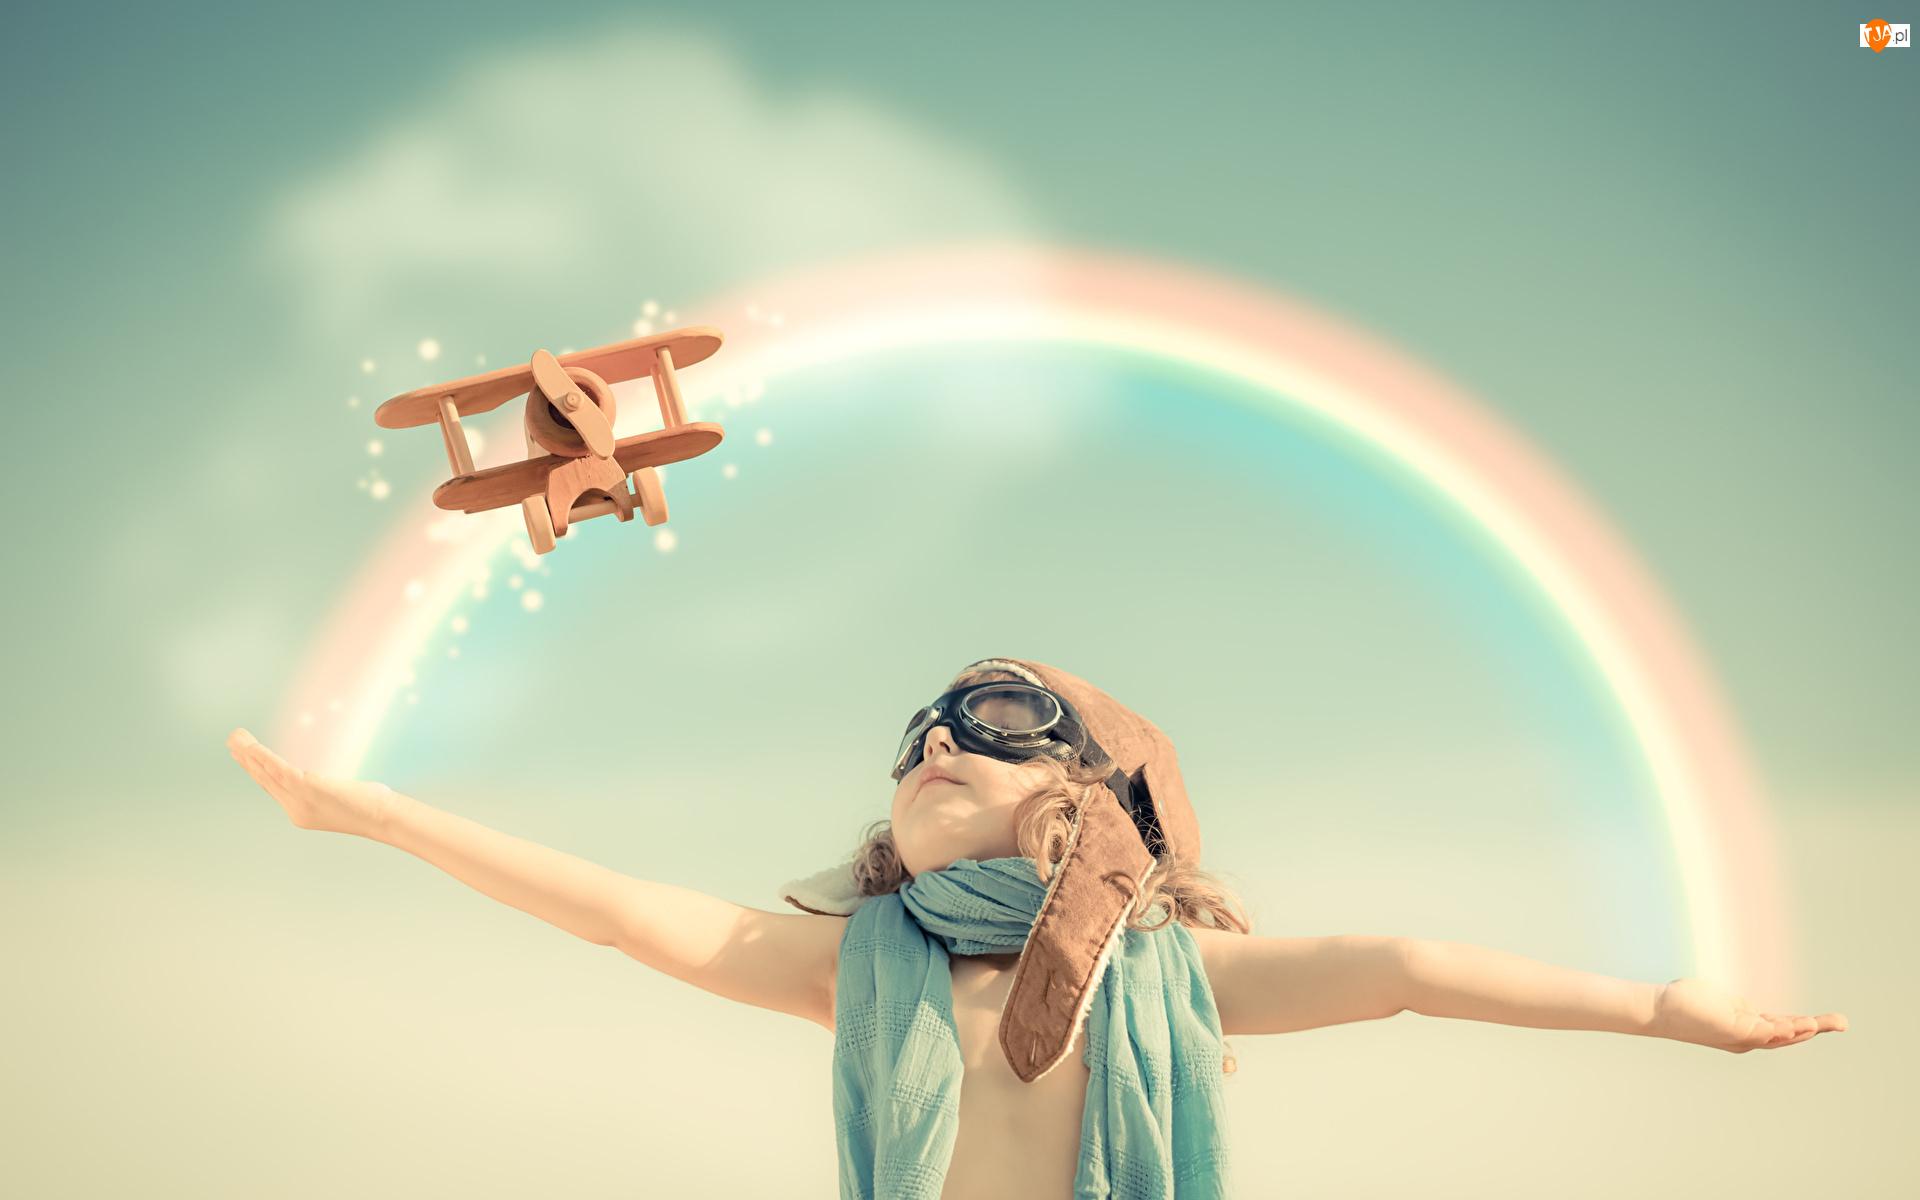 Tęcza, Dziewczynka, Samolot